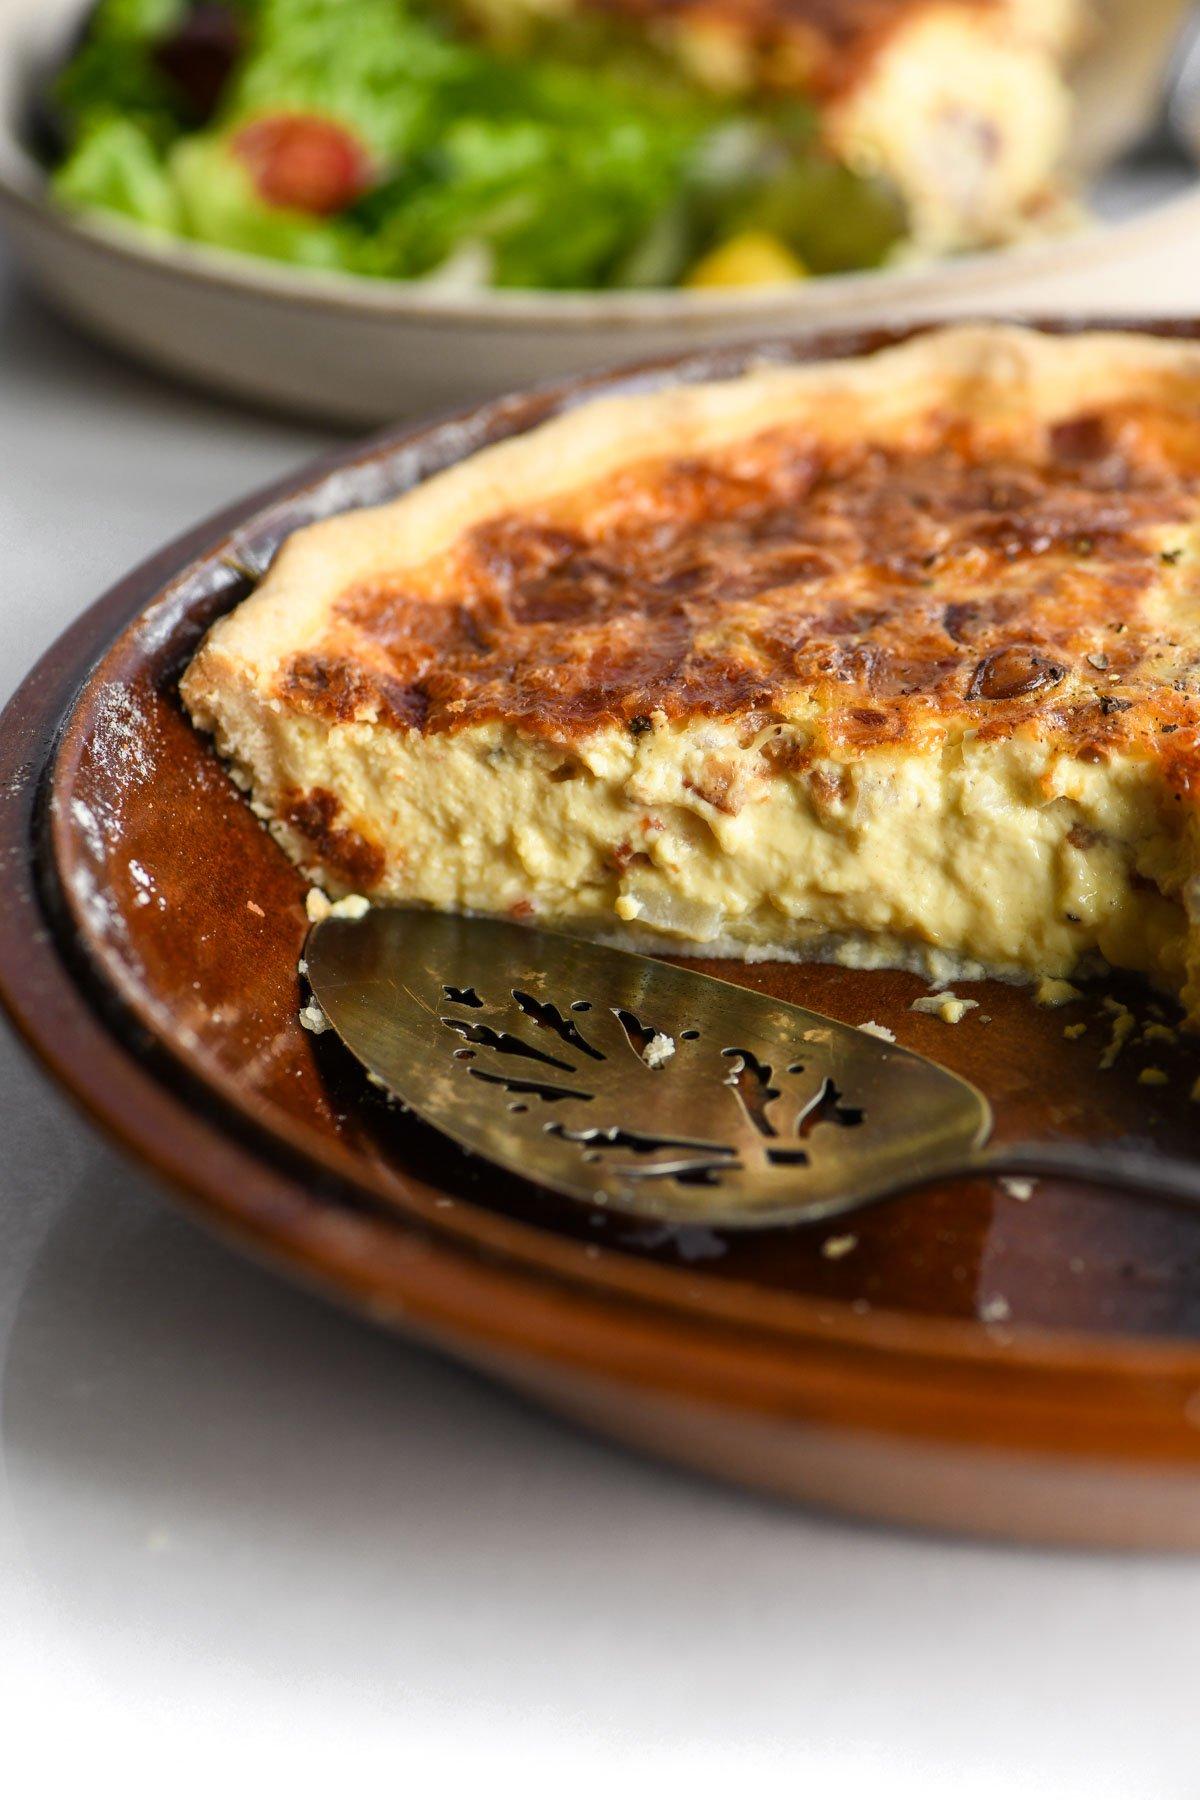 quiche Lorraine in an earthenware pie dish